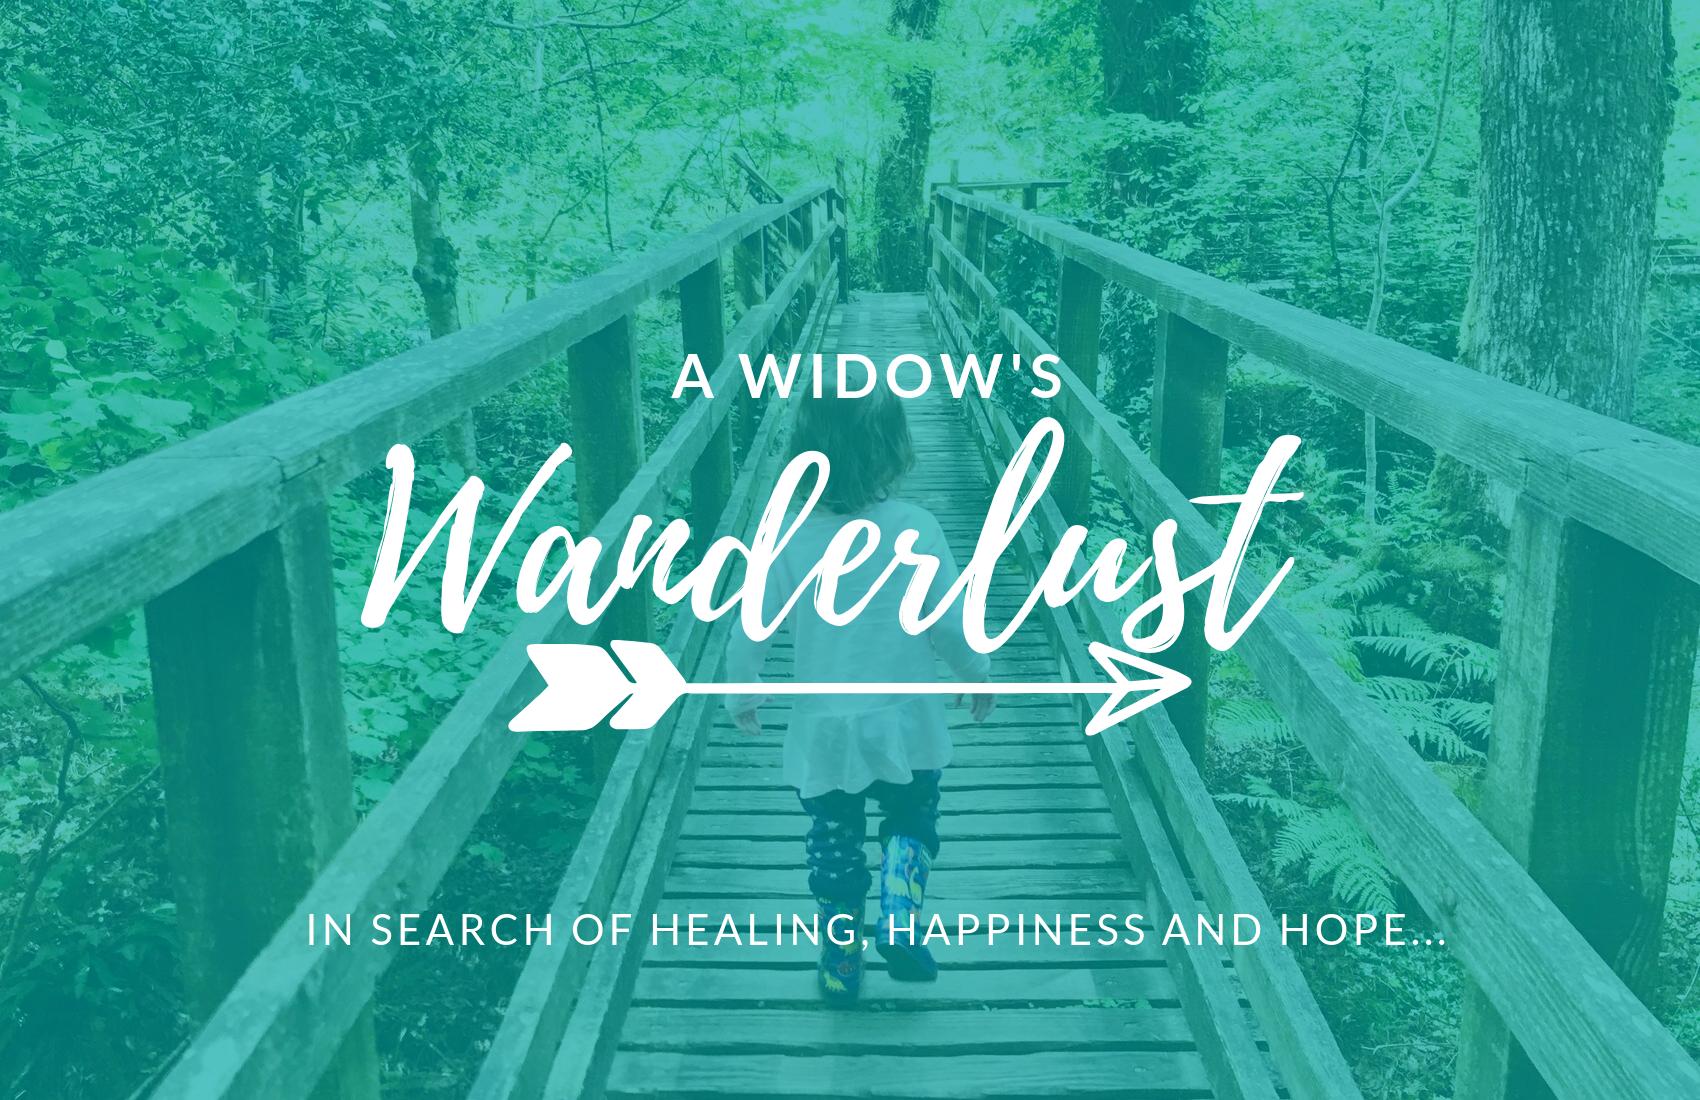 A Widow's Wanderlust